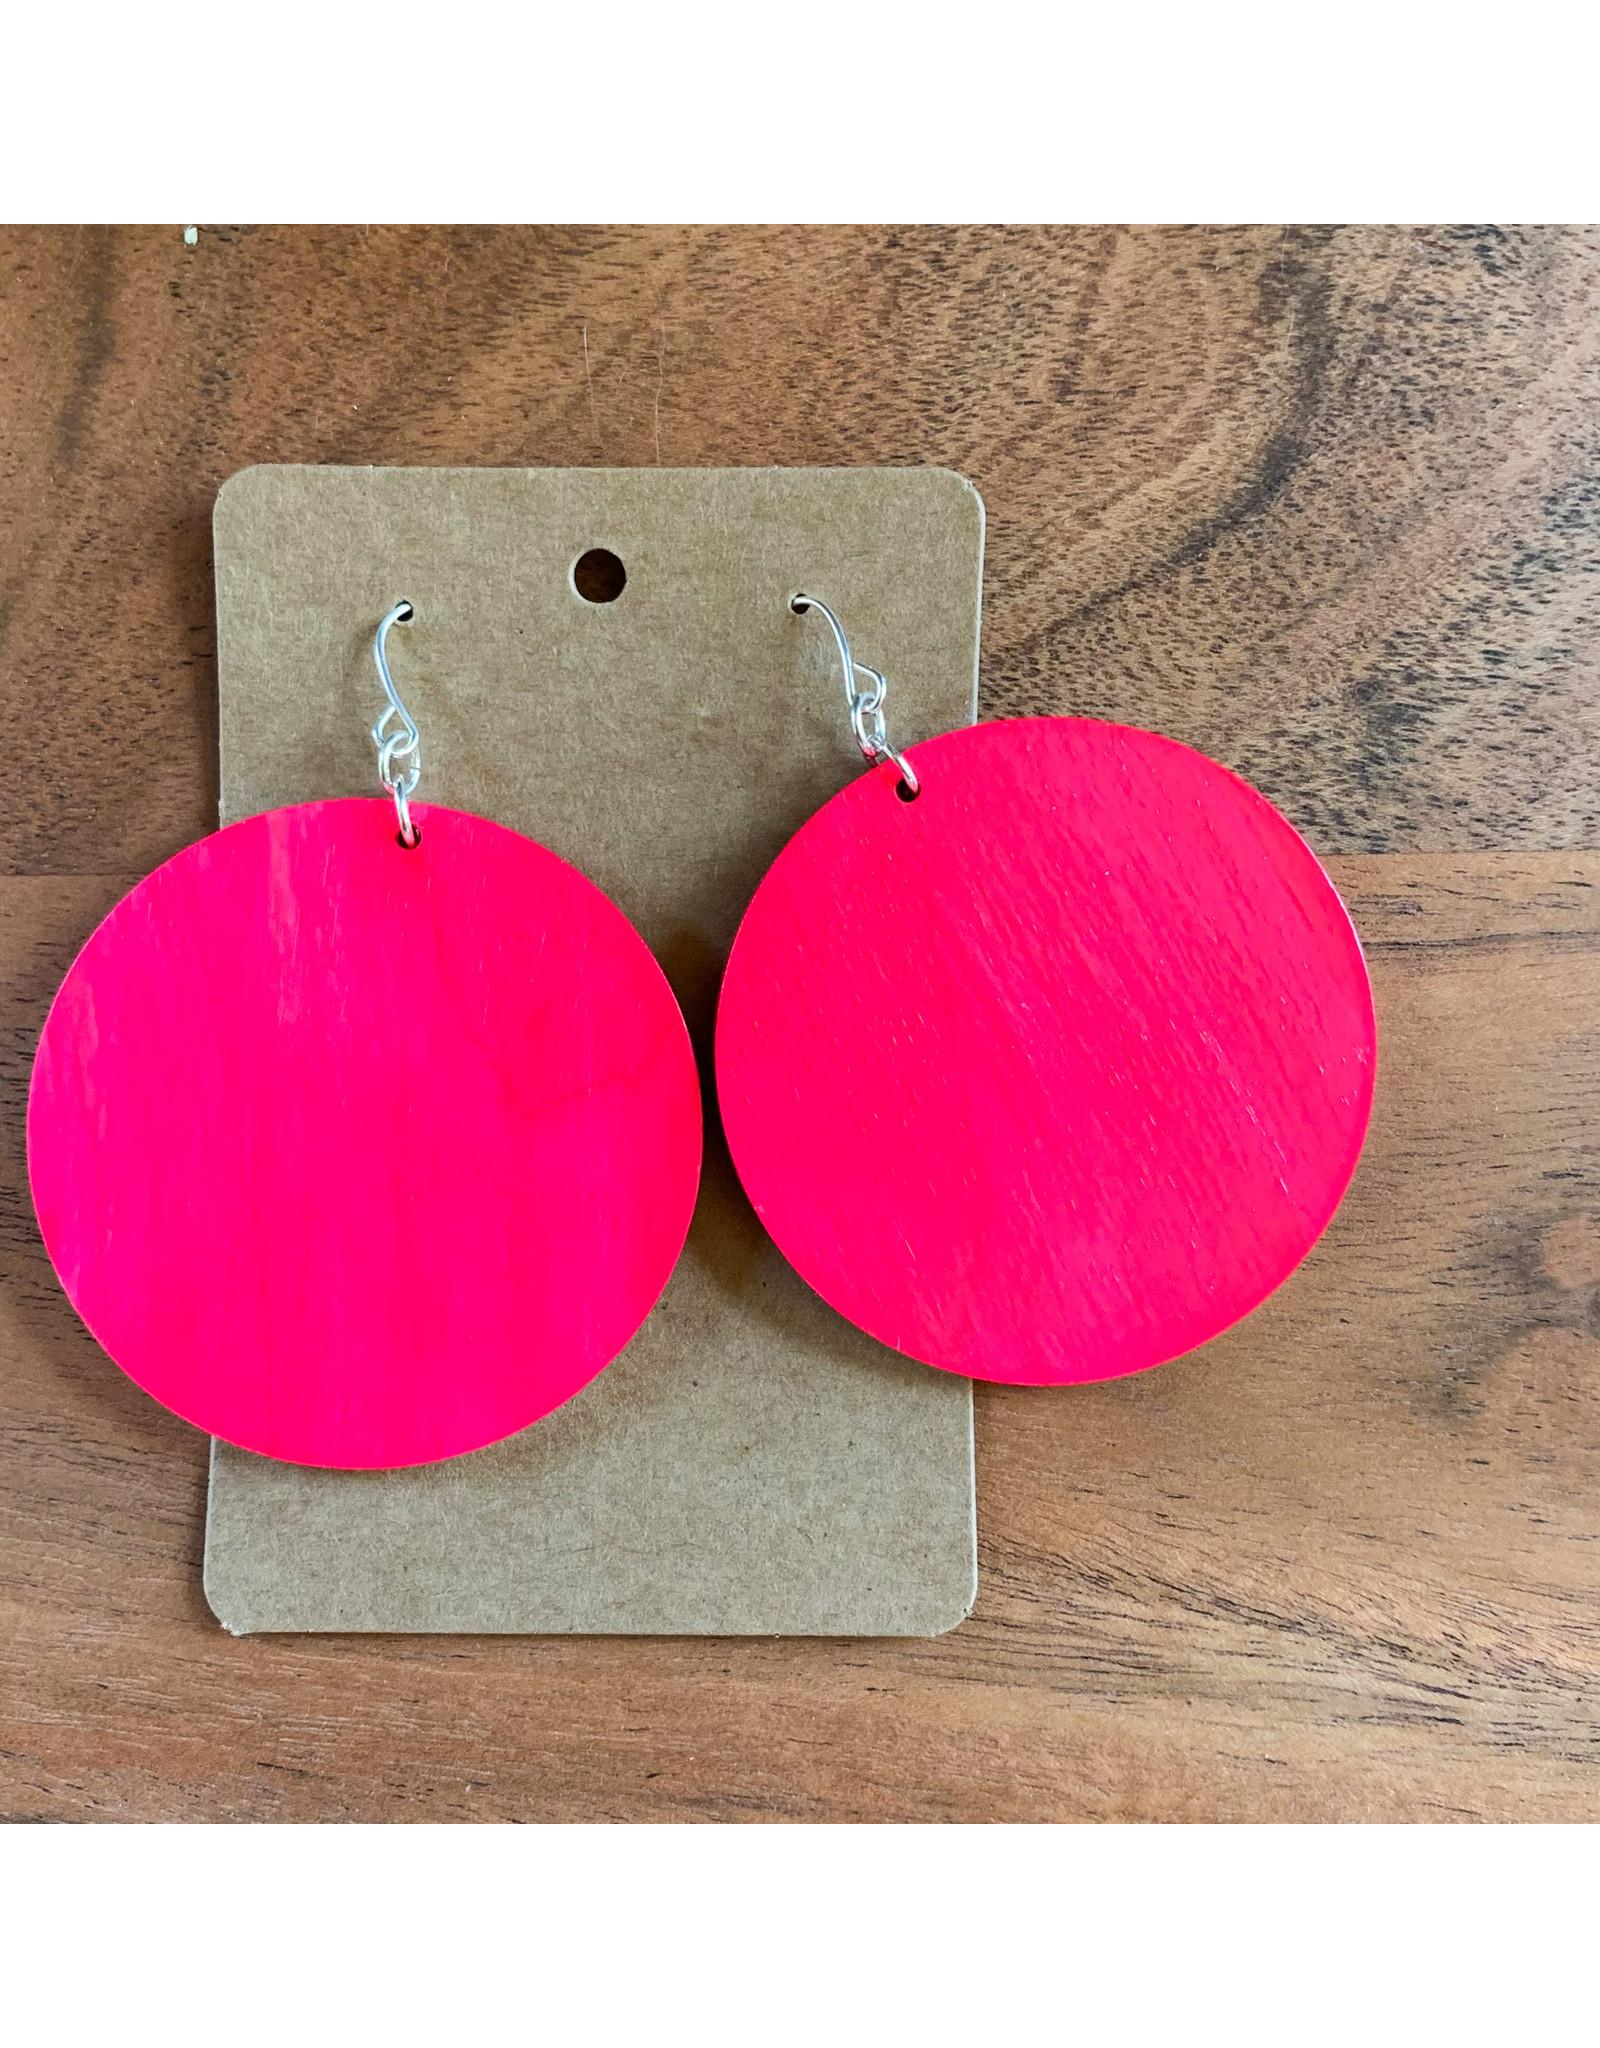 SARRA- Consignment Hot Pink Circles Consignment